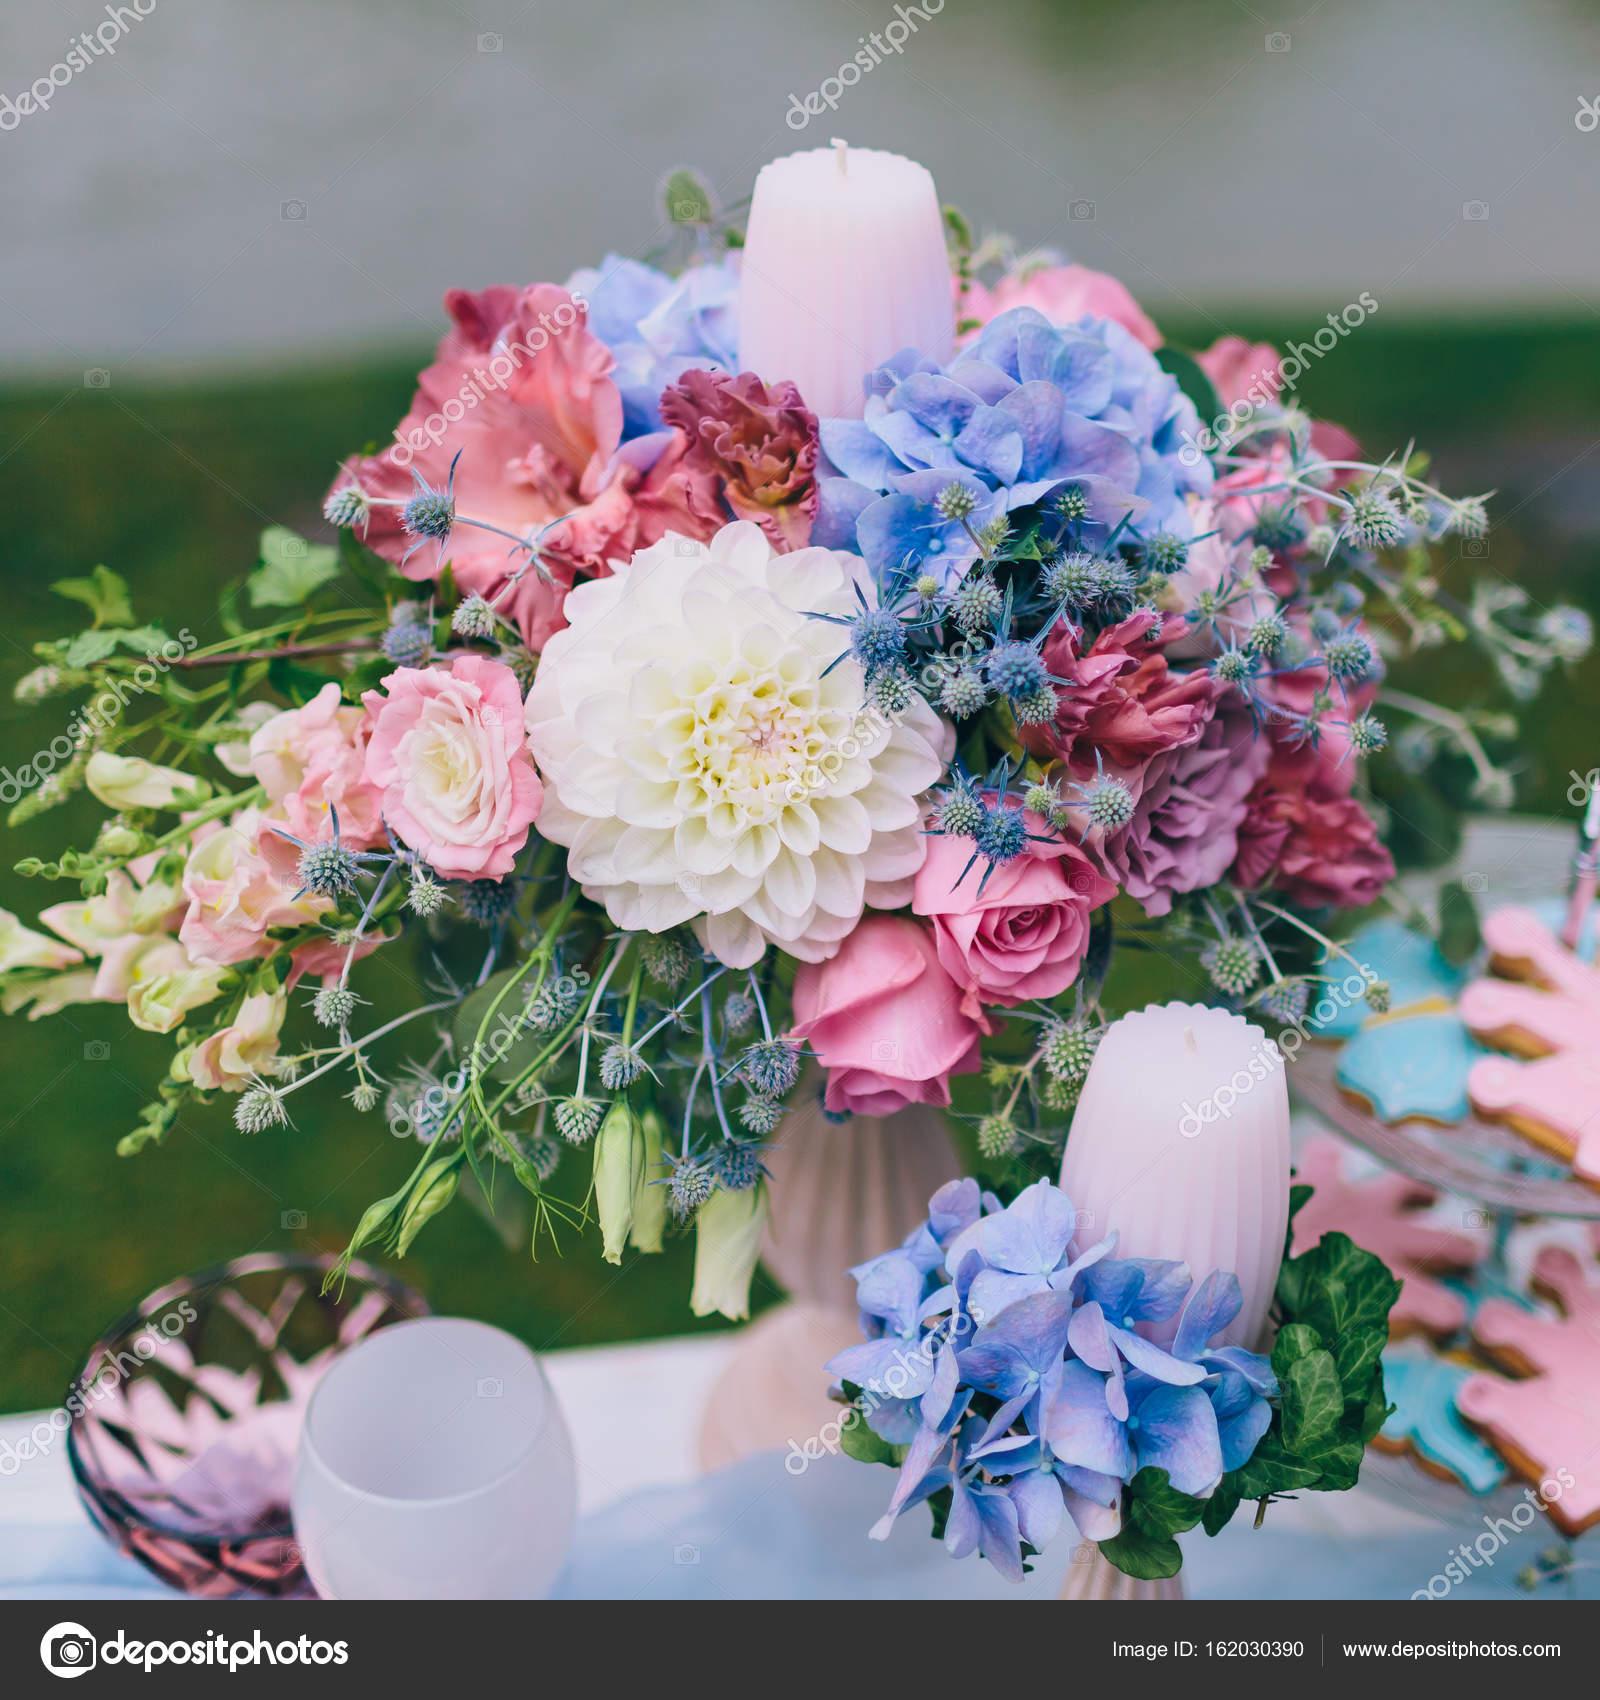 mariage décoration dans le style de boho, composition florale